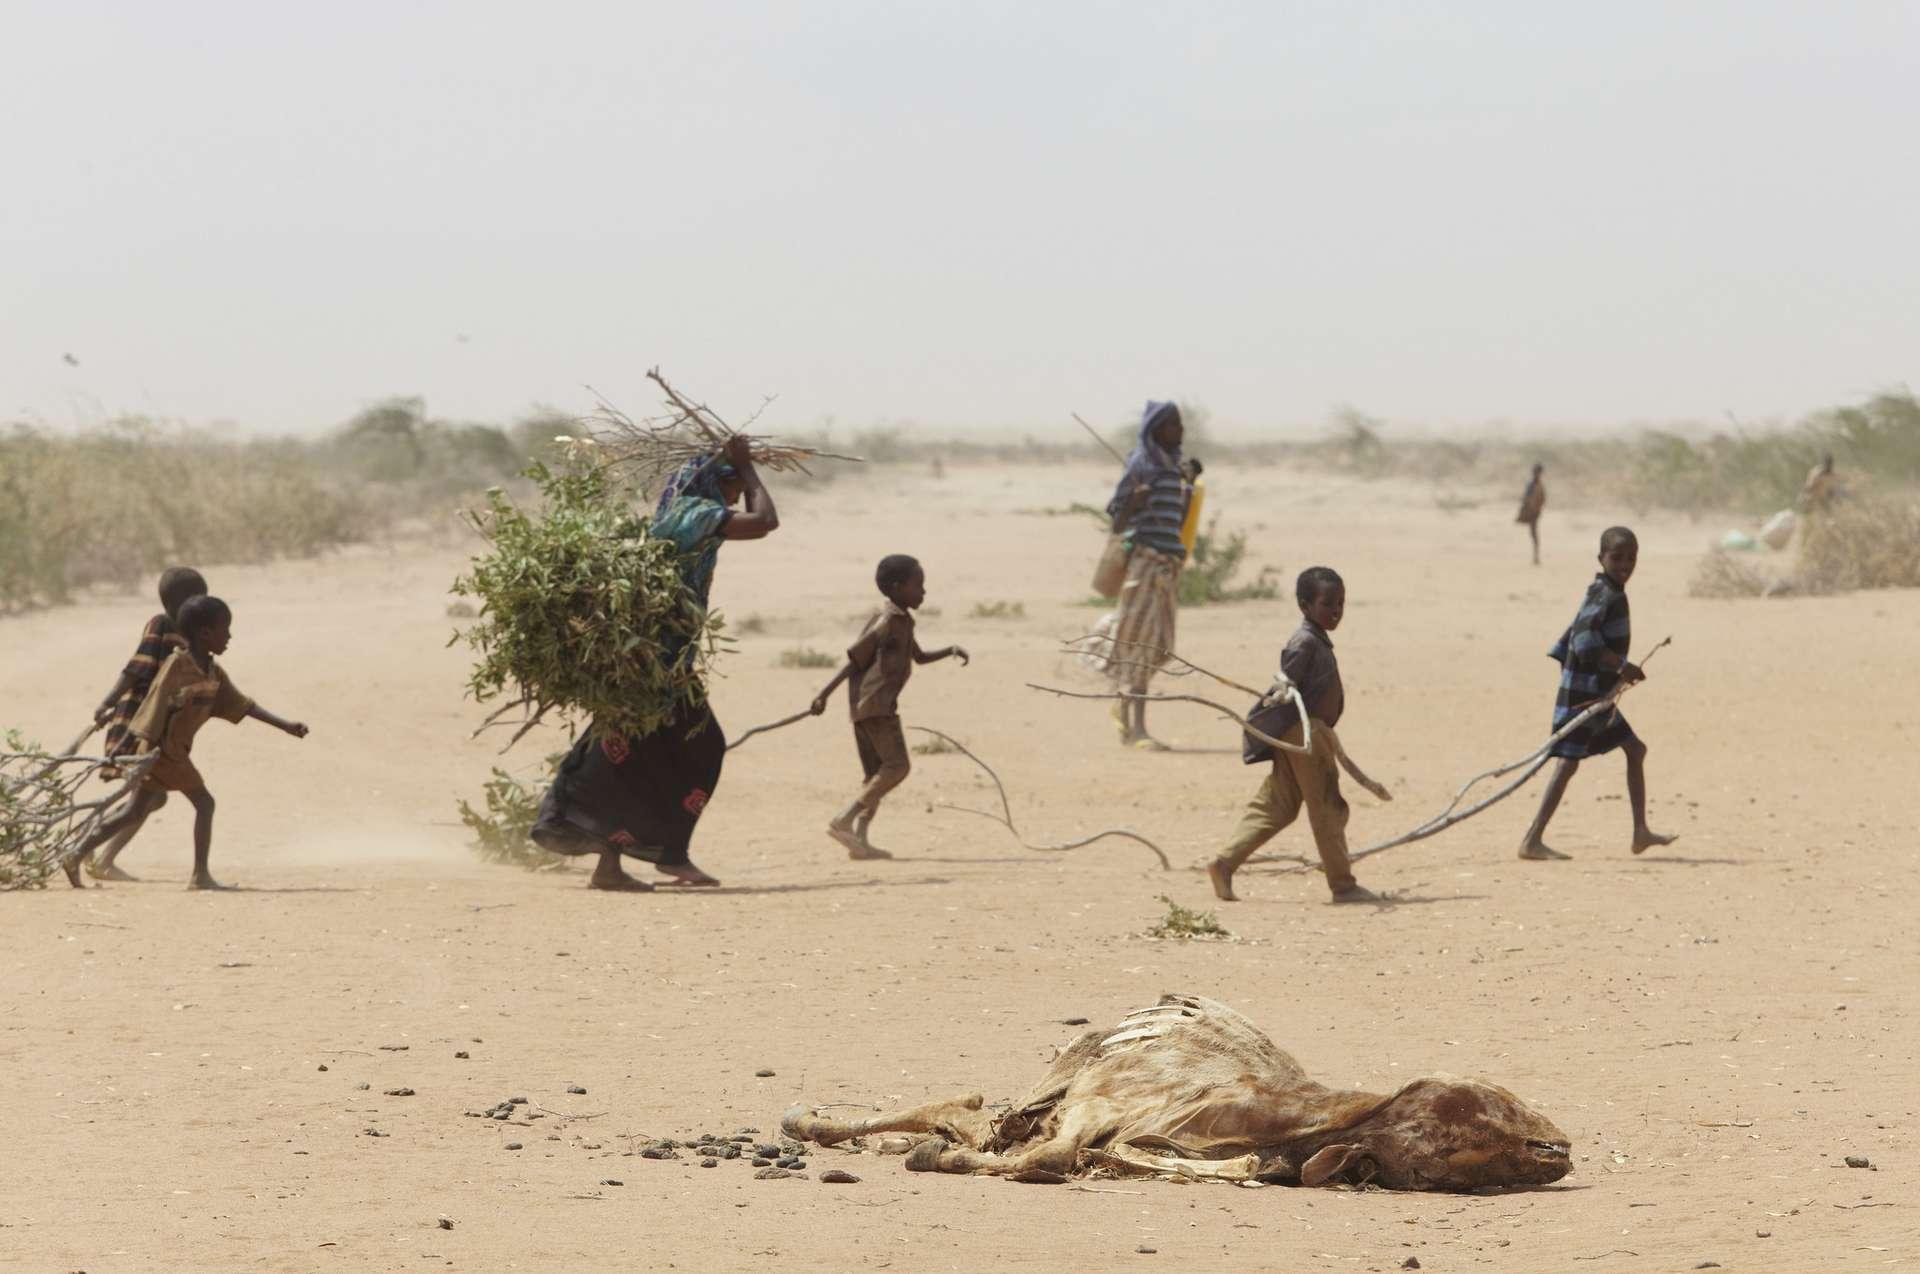 Des réfugiés à Dadaab, au Kenya, où des camps accueillent des réfugiés de guerre mais aussi climatiques. Un animal mort à cause de la sécheresse est visible au premier plan. © Andy Hall/Oxfam East Africa, Wikimedia Commons, CC By-2.0